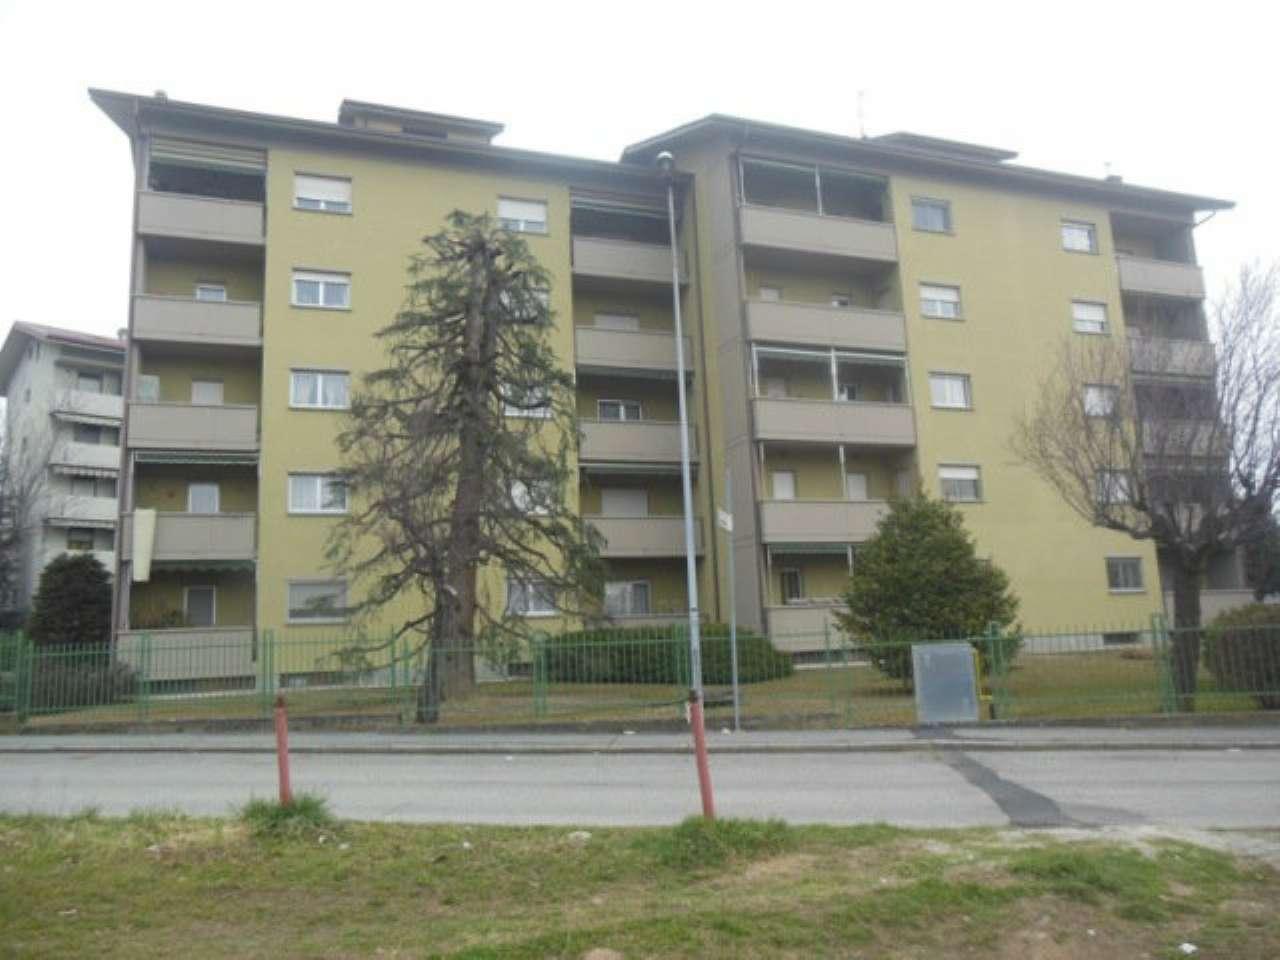 Appartamento in vendita a Cuorgnè, 4 locali, prezzo € 105.000 | CambioCasa.it